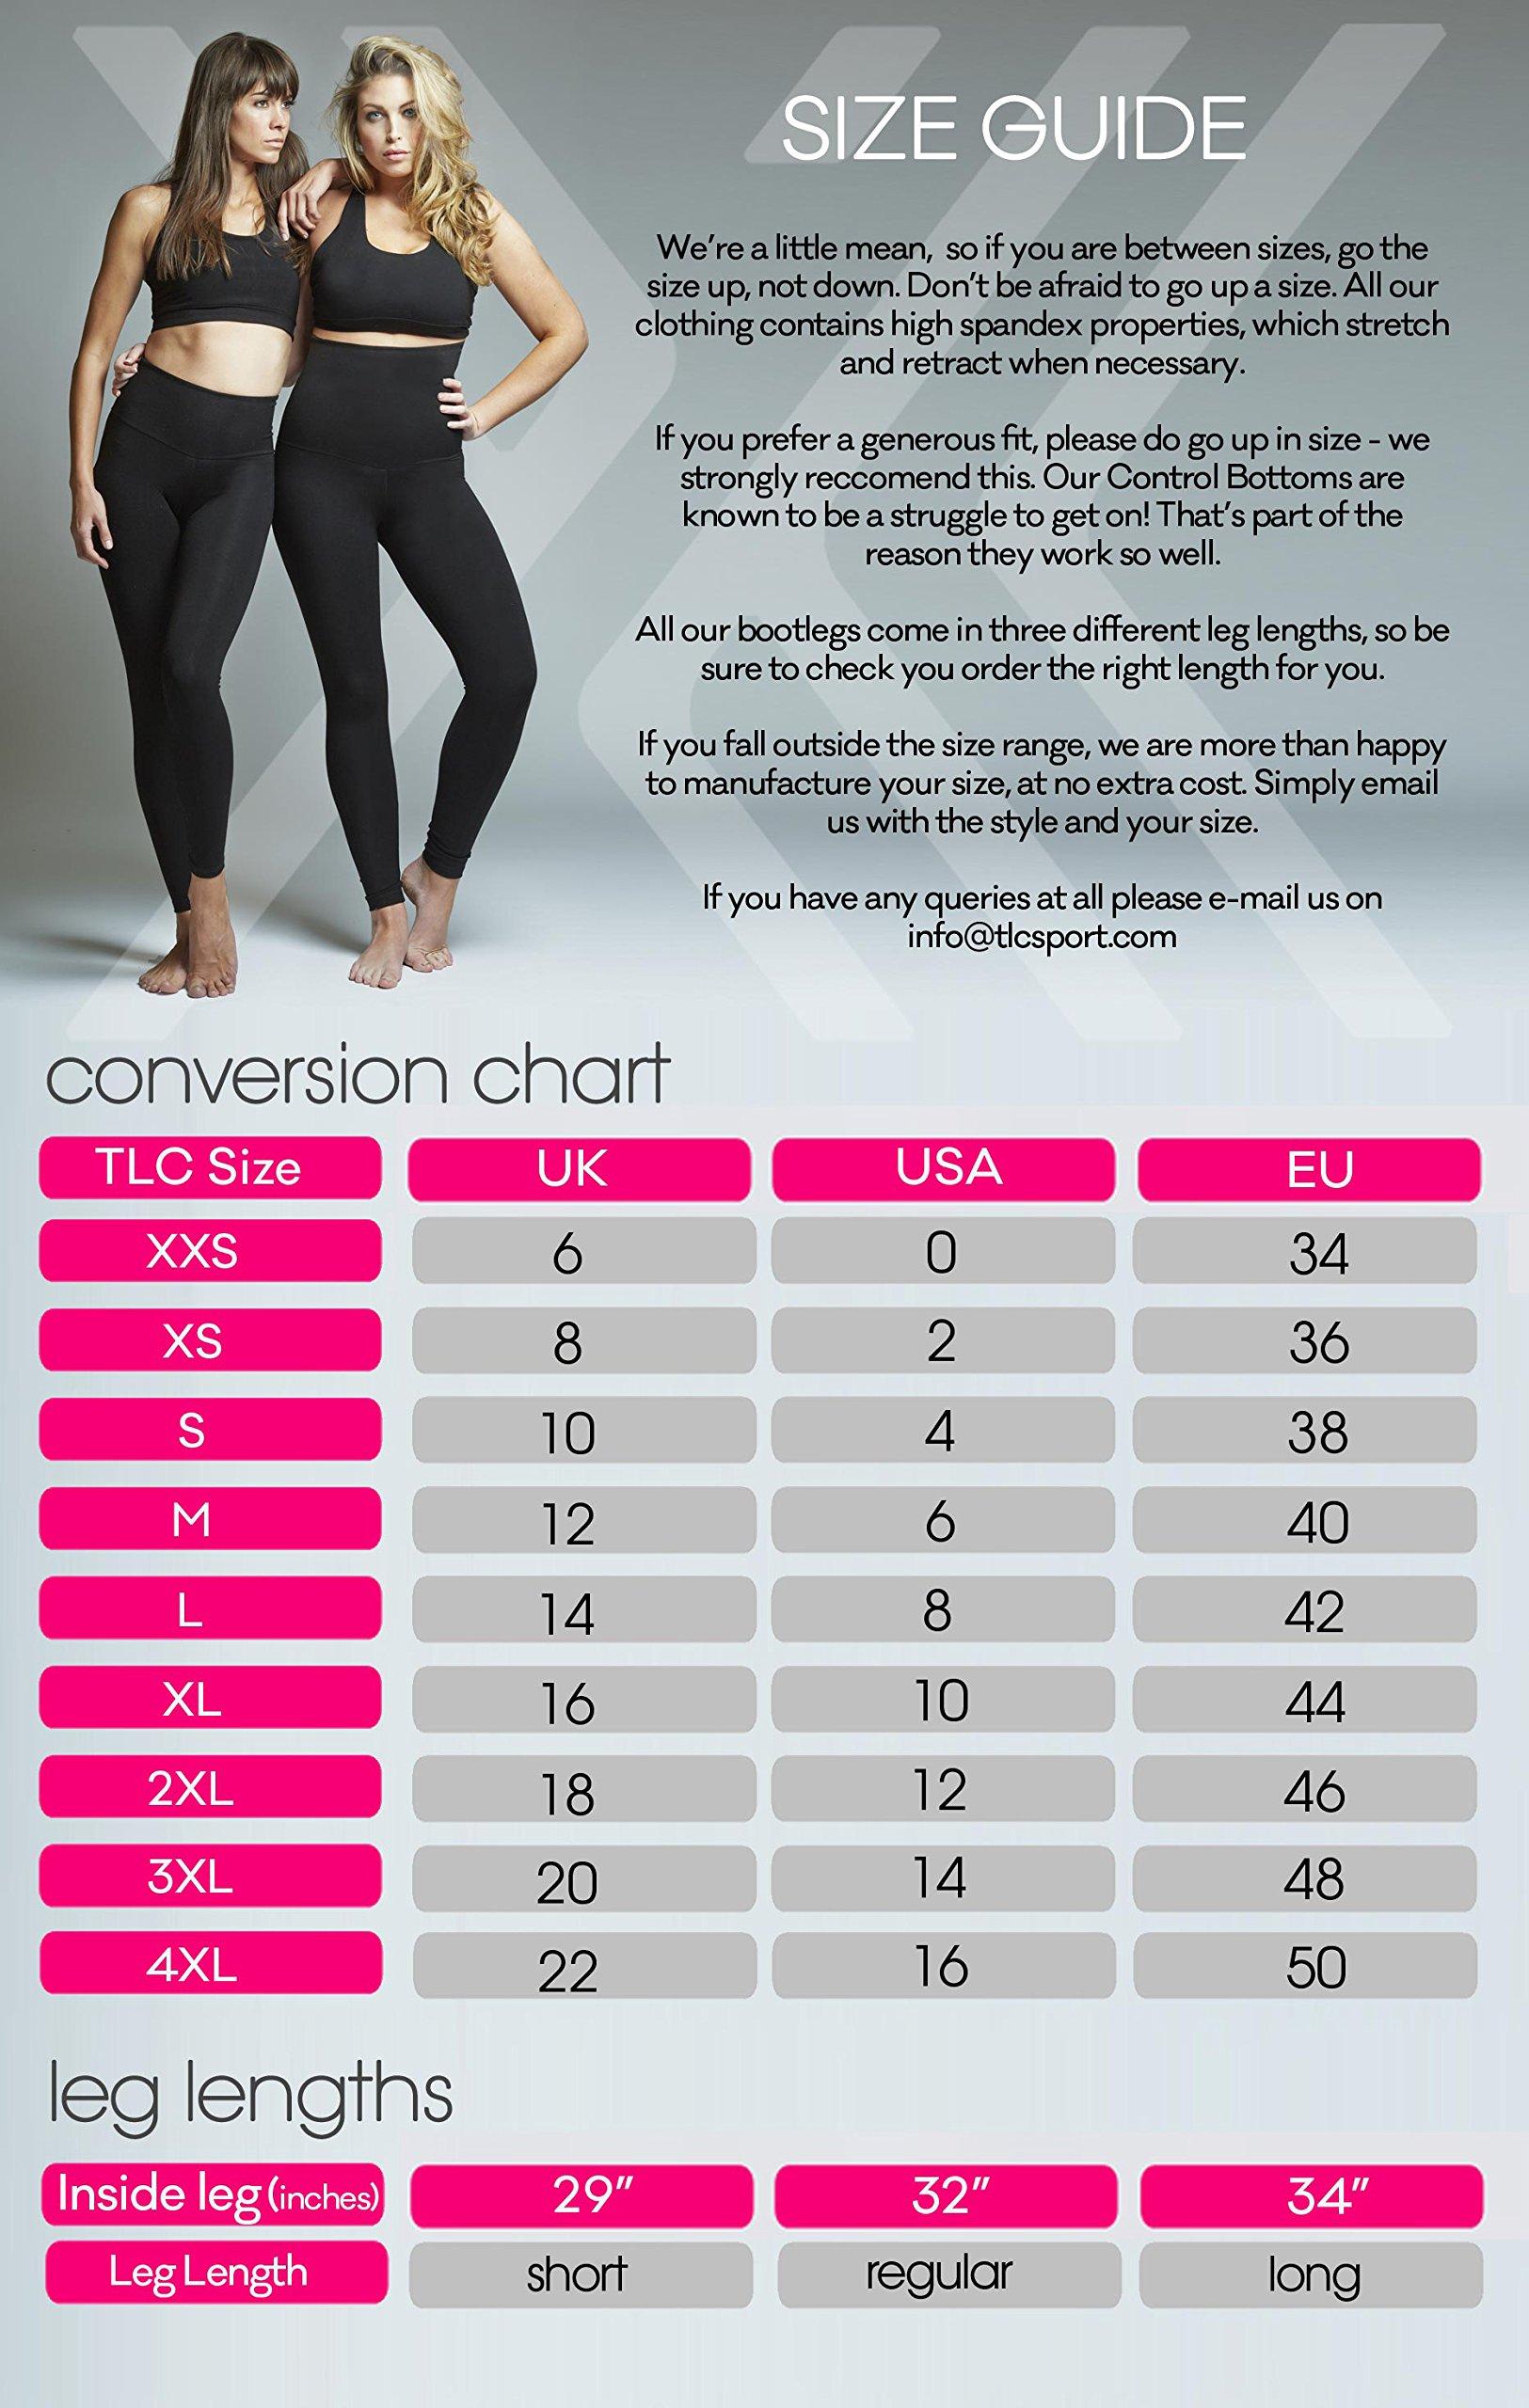 811x5LLDgBL - TLC Sport Stay Strong Offer Women's Lightweight Waisted Gathered Skirt Leggings Black